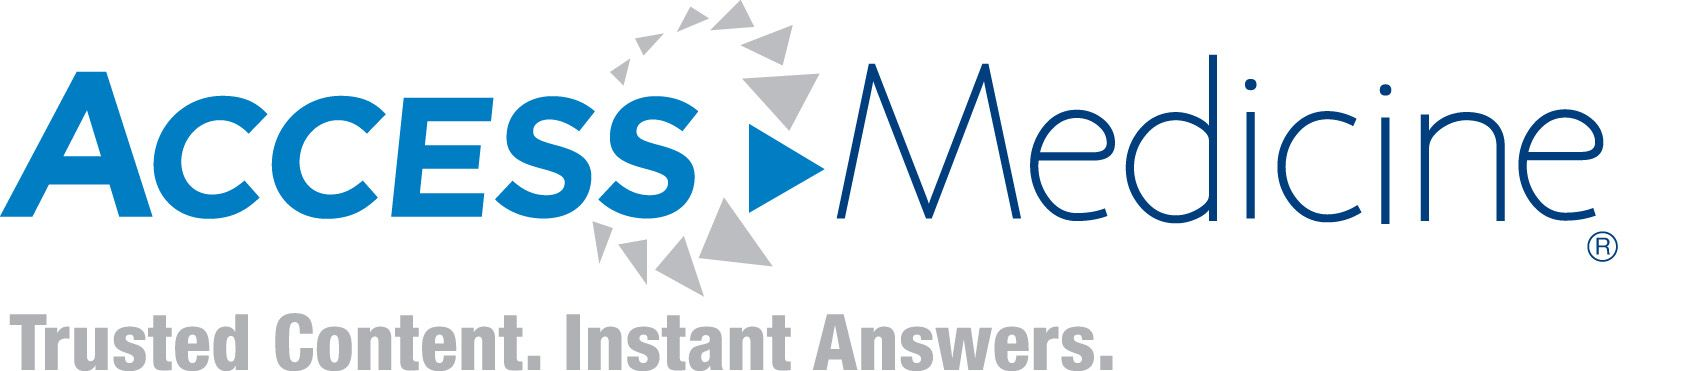 McGraw Hill's AccessMedicine